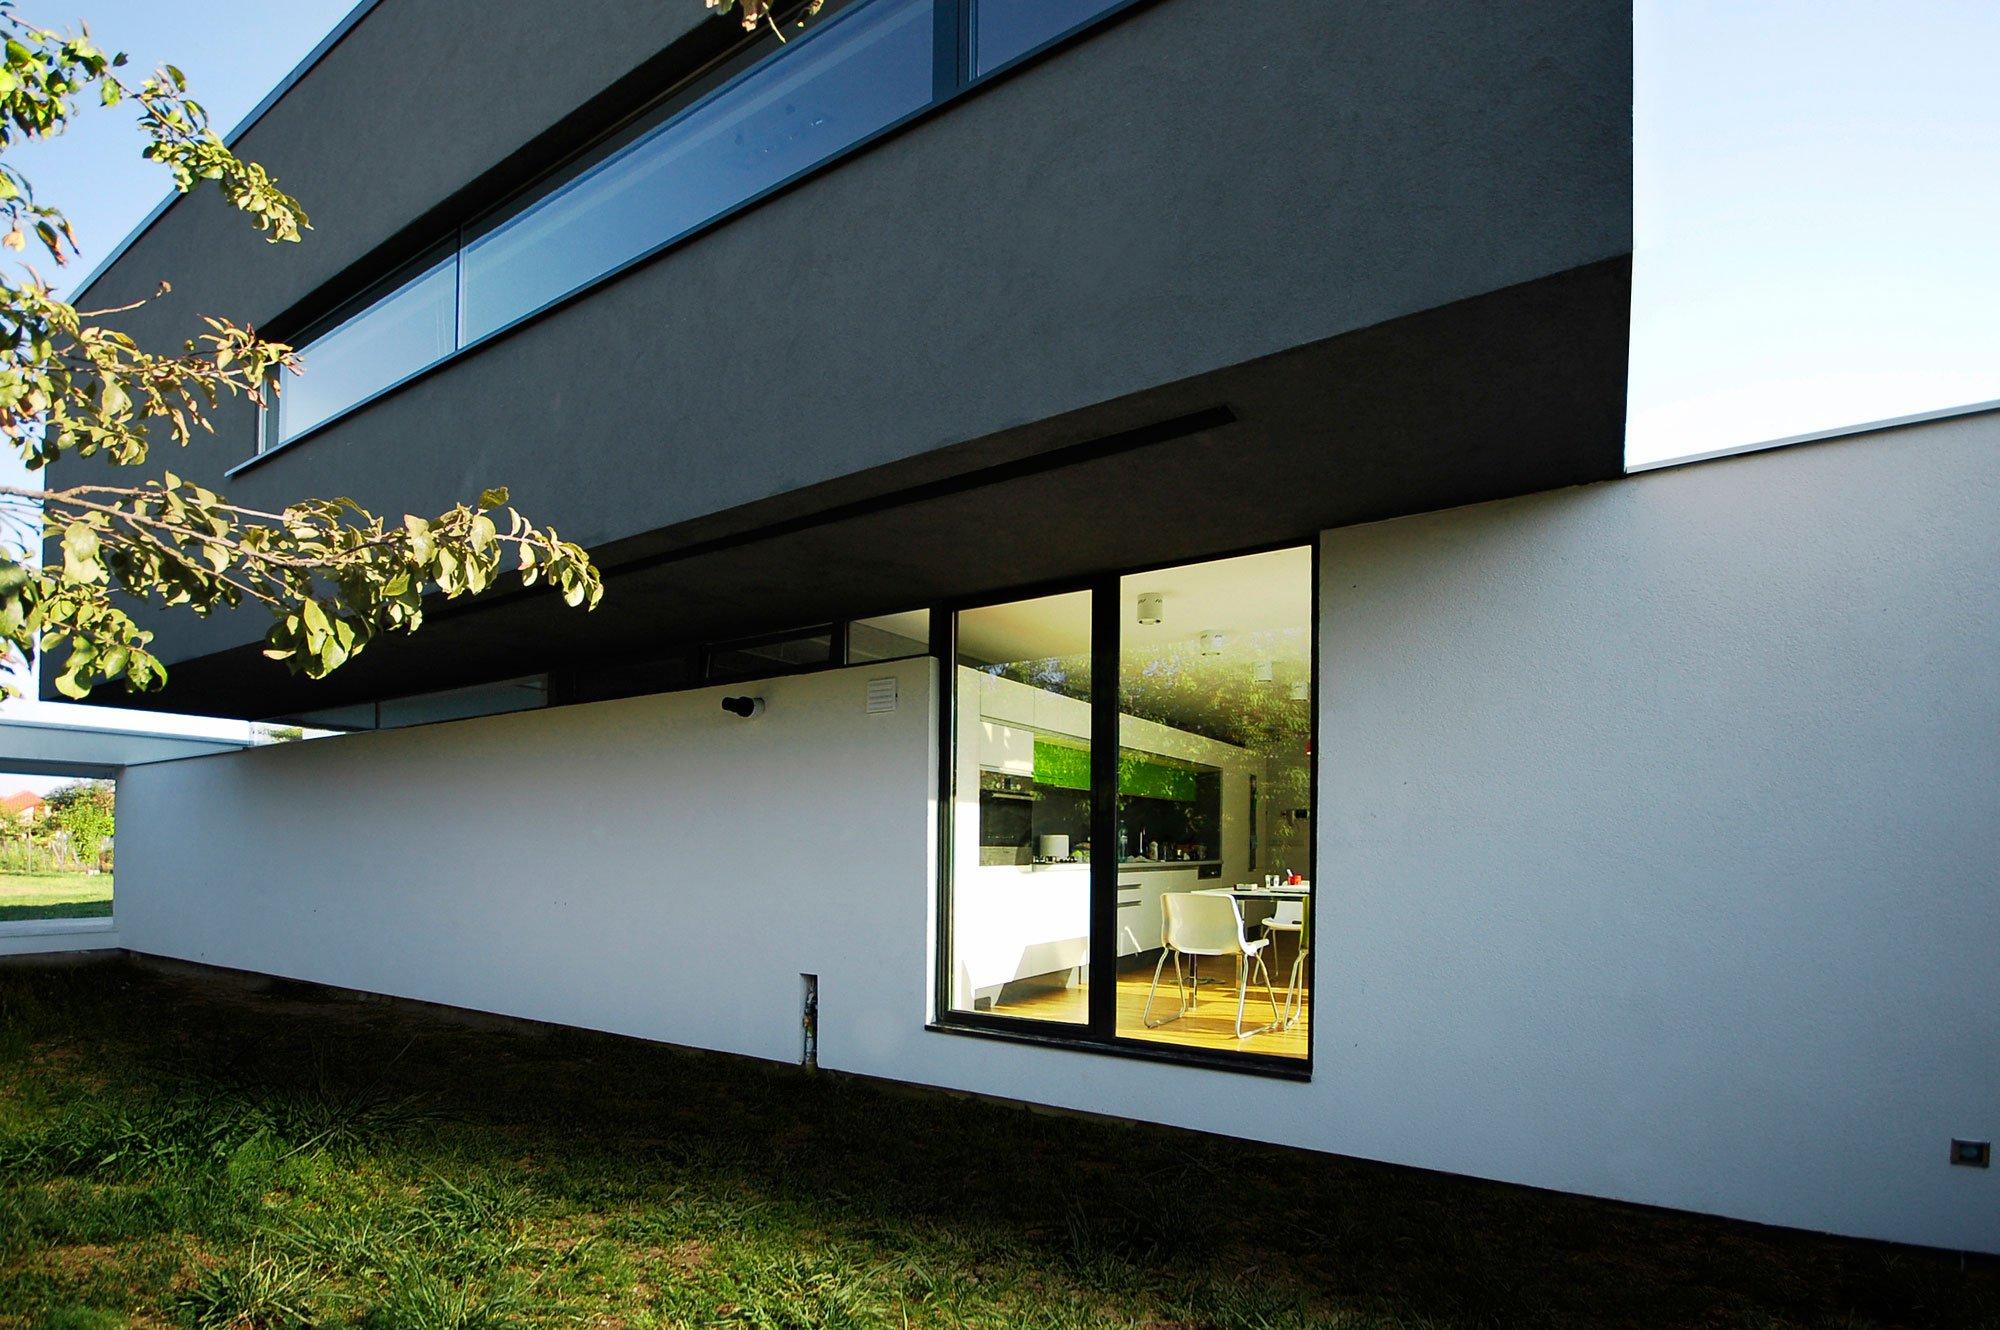 Fachadas modernas de casas de dos pisos for Casas modernas fachadas de un piso